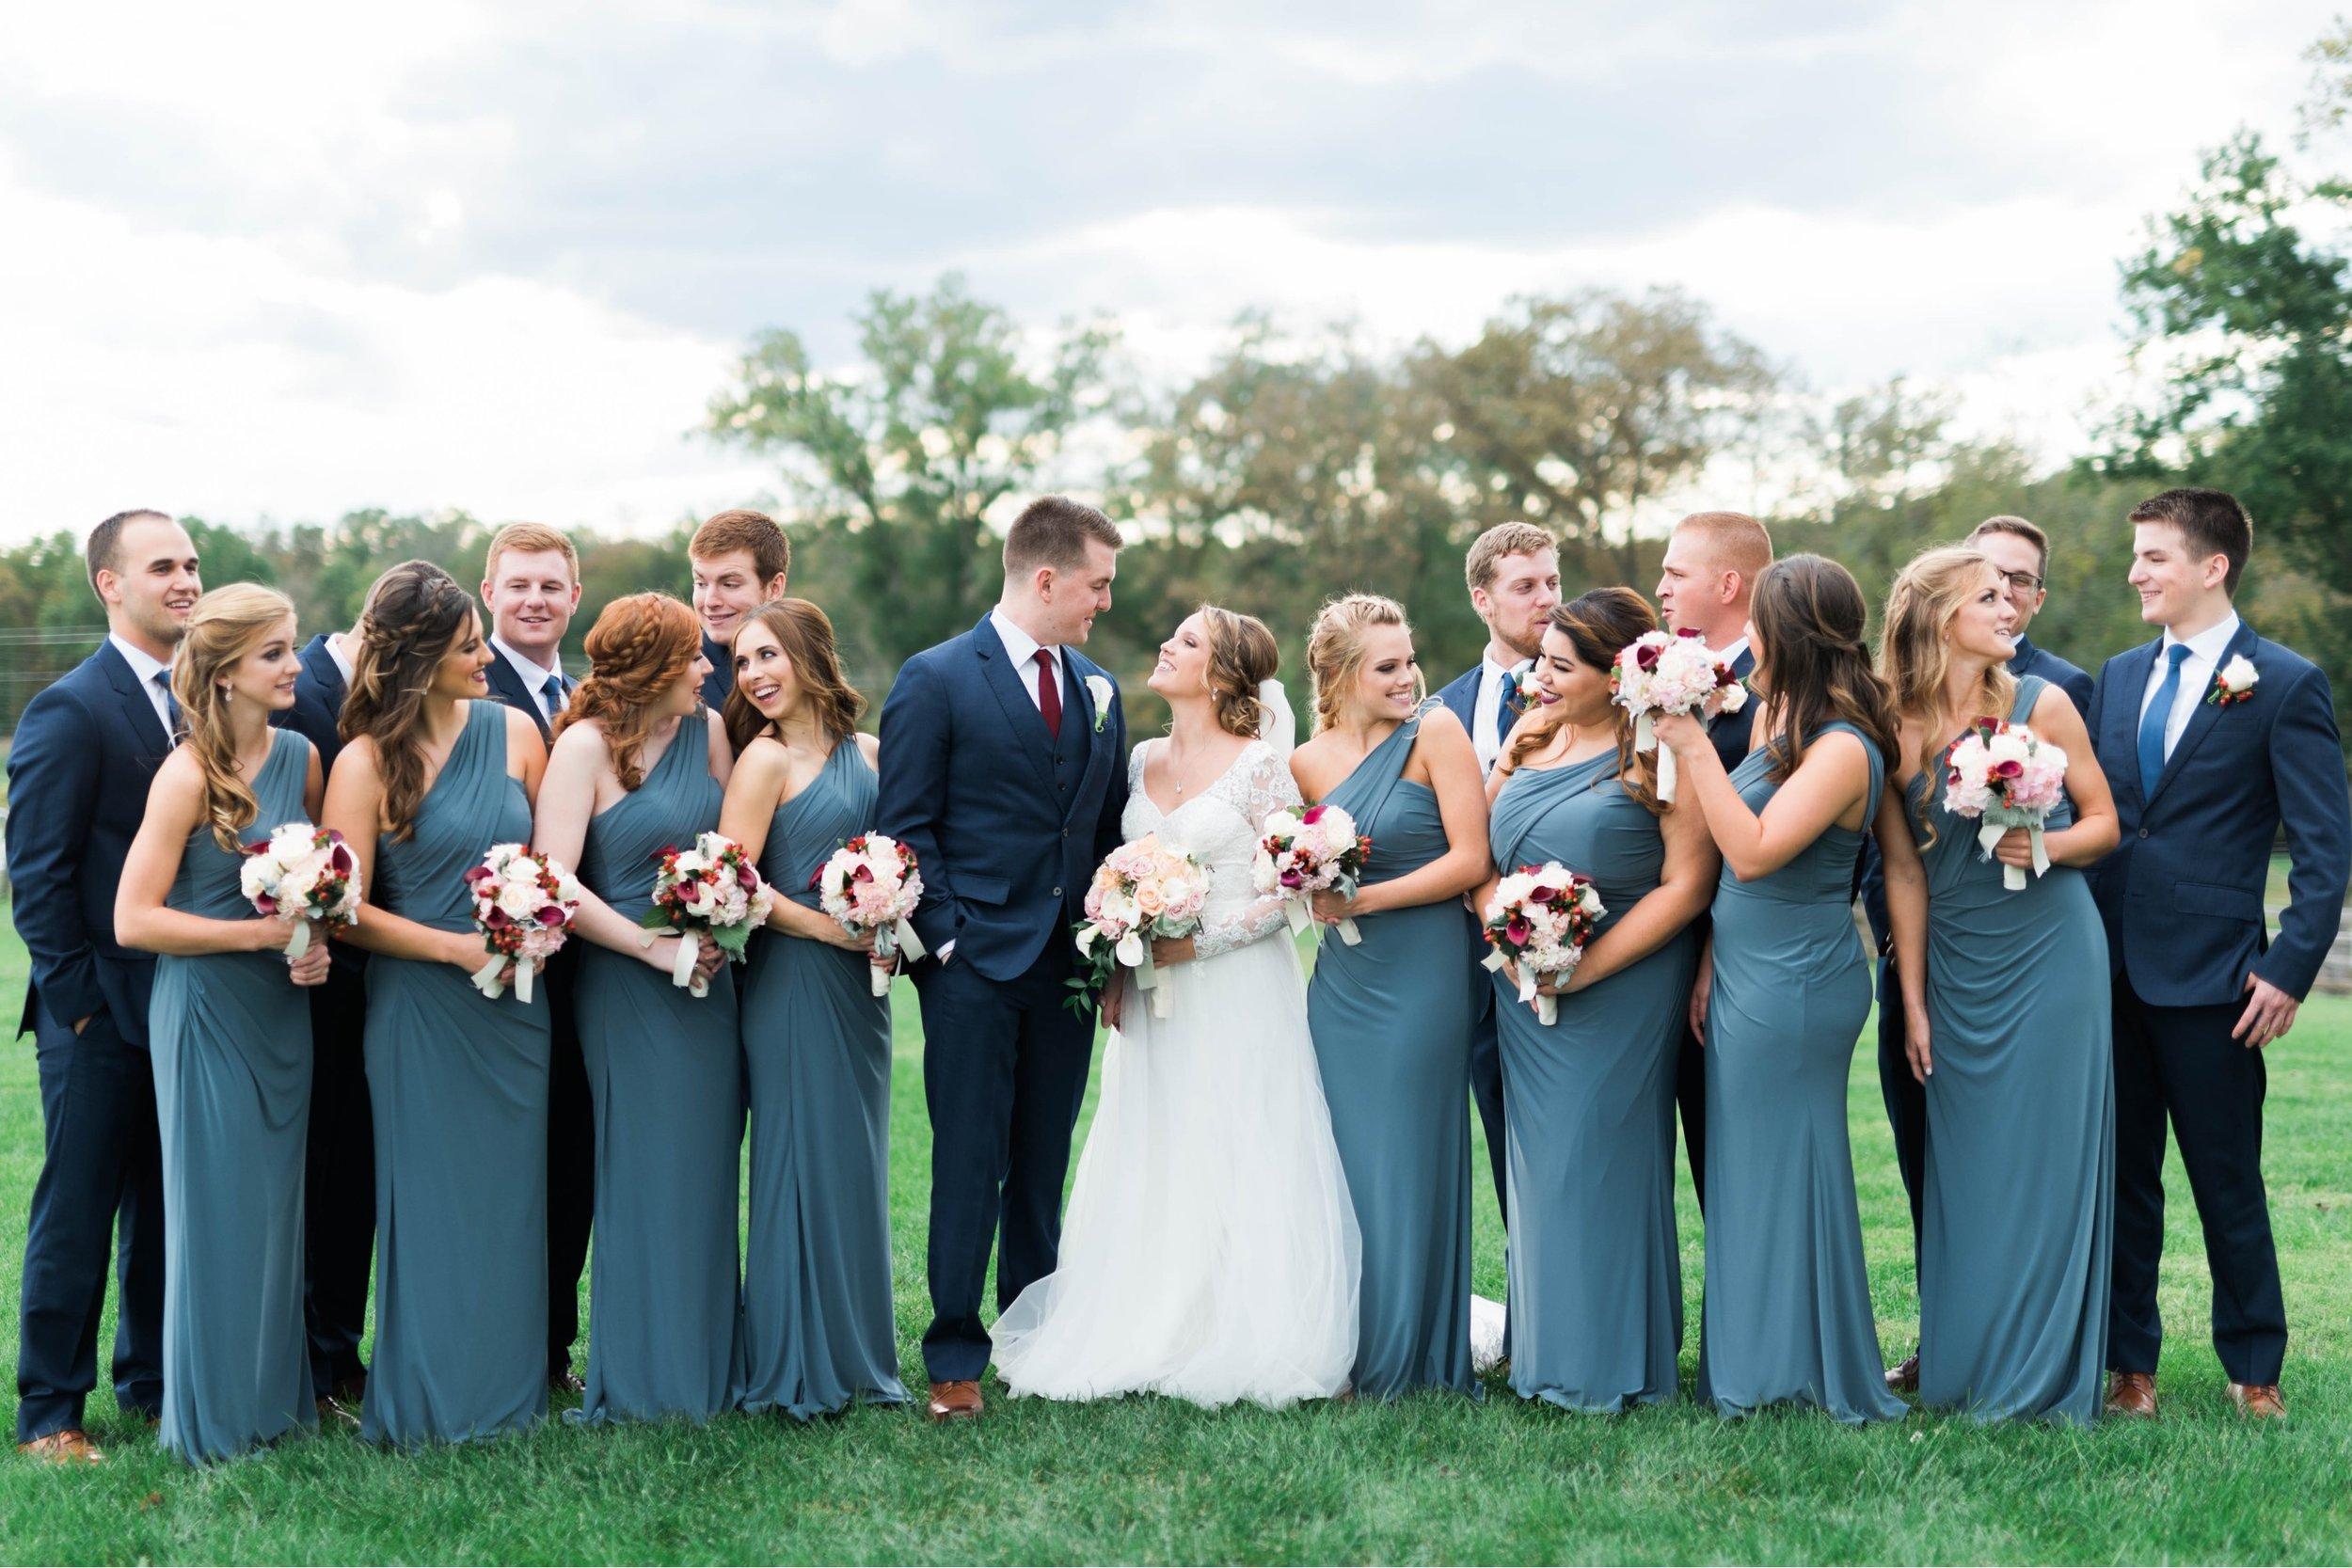 GrantElizabeth_wineryatbullrun_DCwedding_Virginiaweddingphotographer 40.jpg